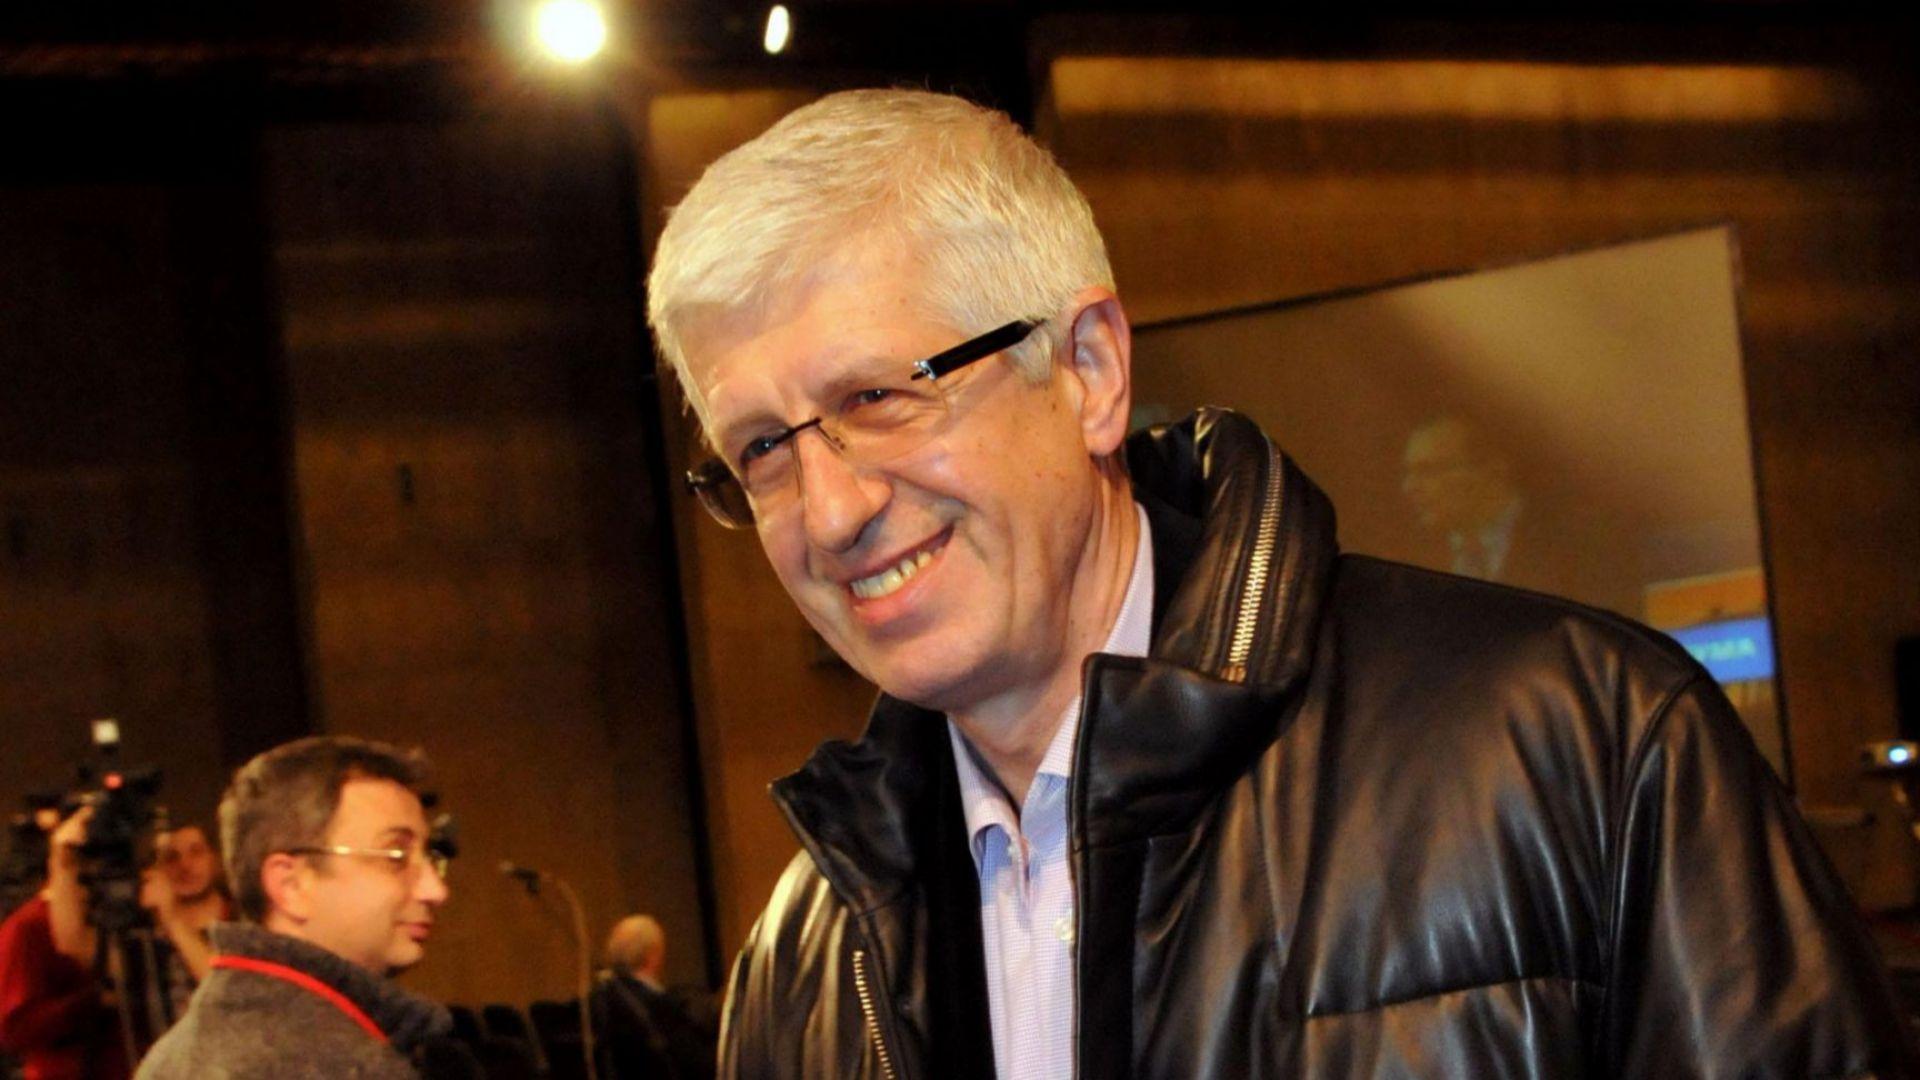 Овчаров: Изборът за инвеститор за АЕЦ Белене е предопределен - Росатом или китайска фирма